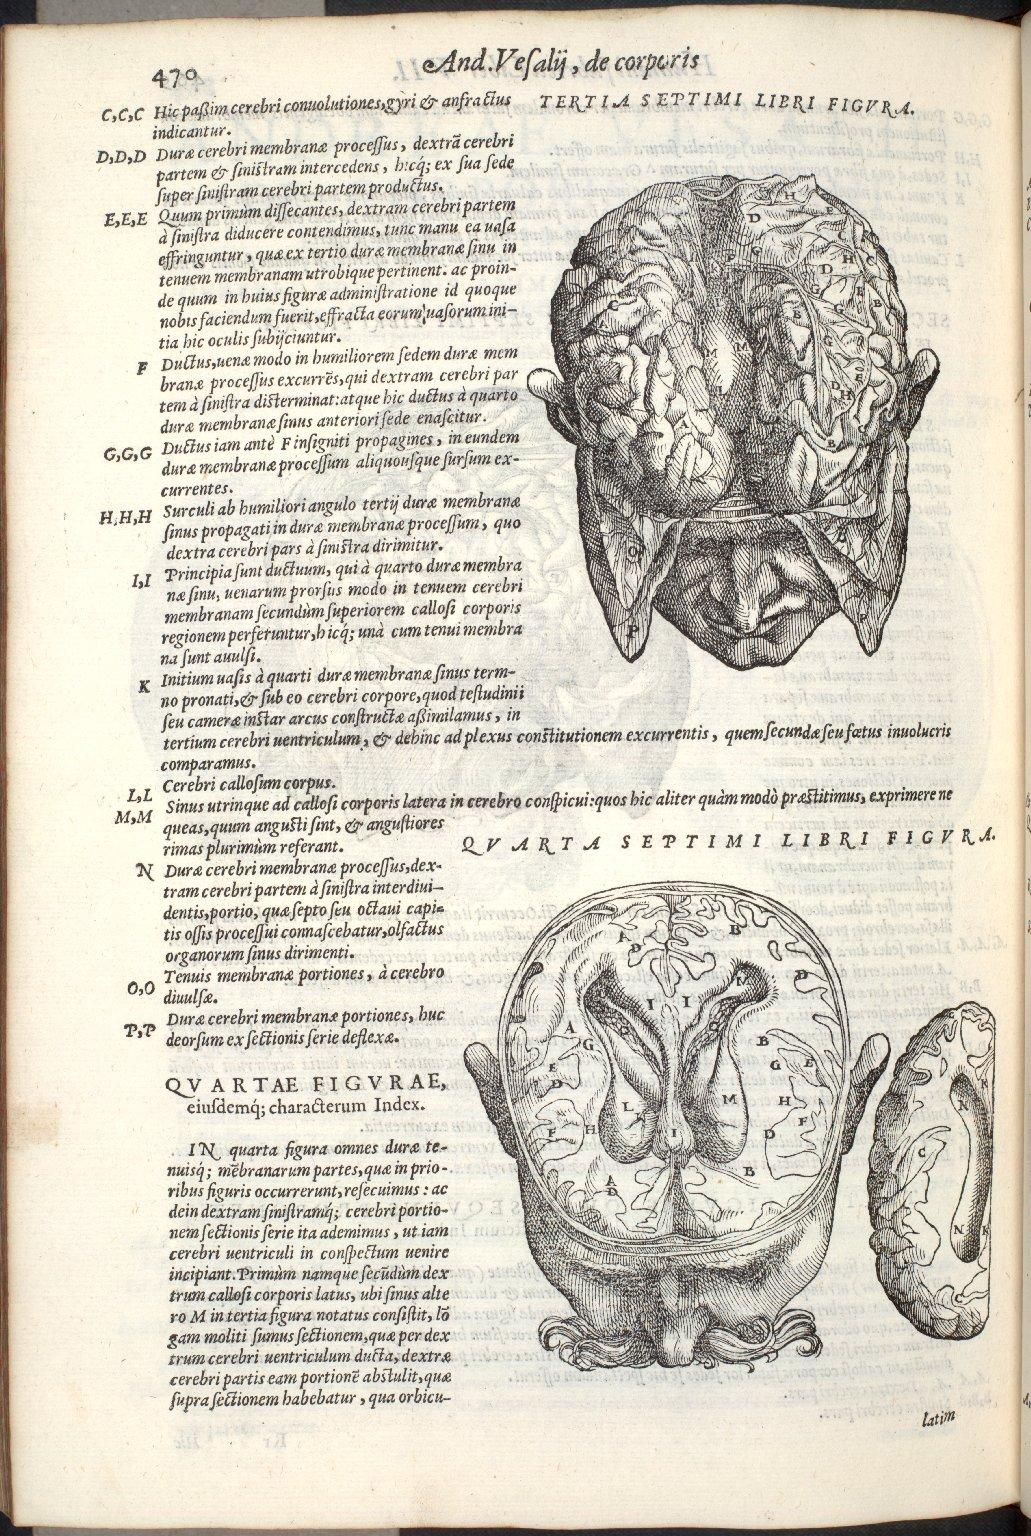 Tertia Septimi Libri Figura, Quarta Septimi Libri Figura